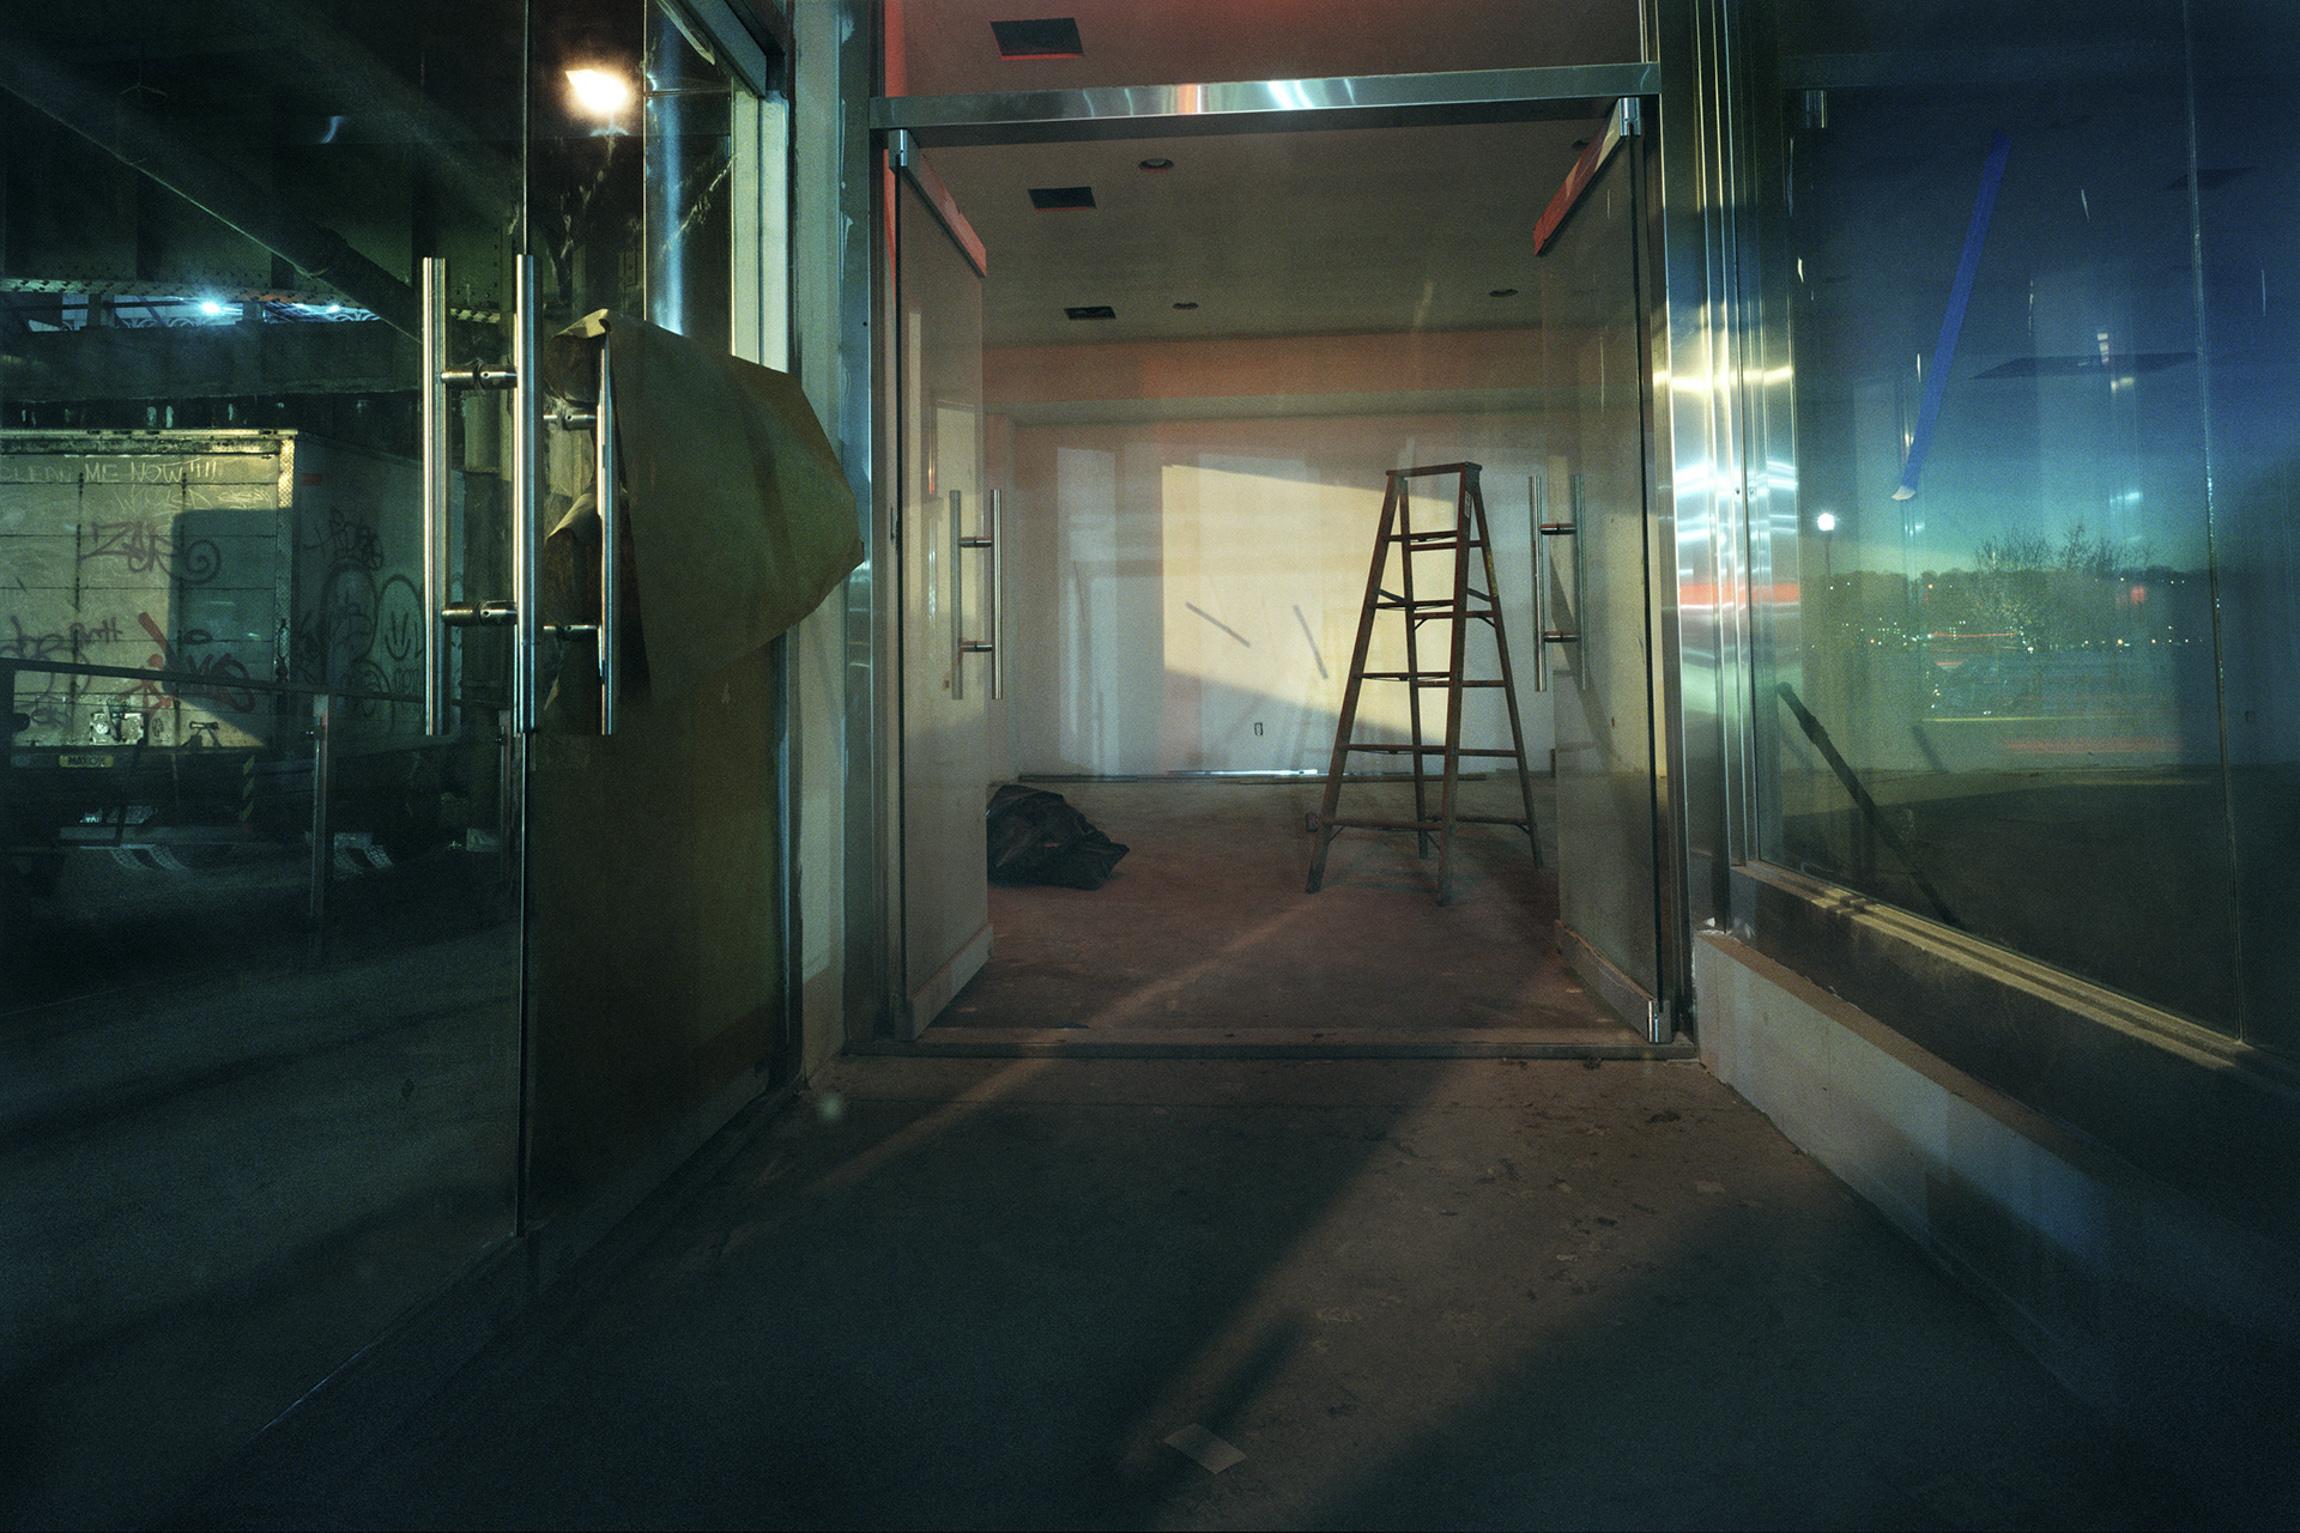 West 125th Street - New York, New York